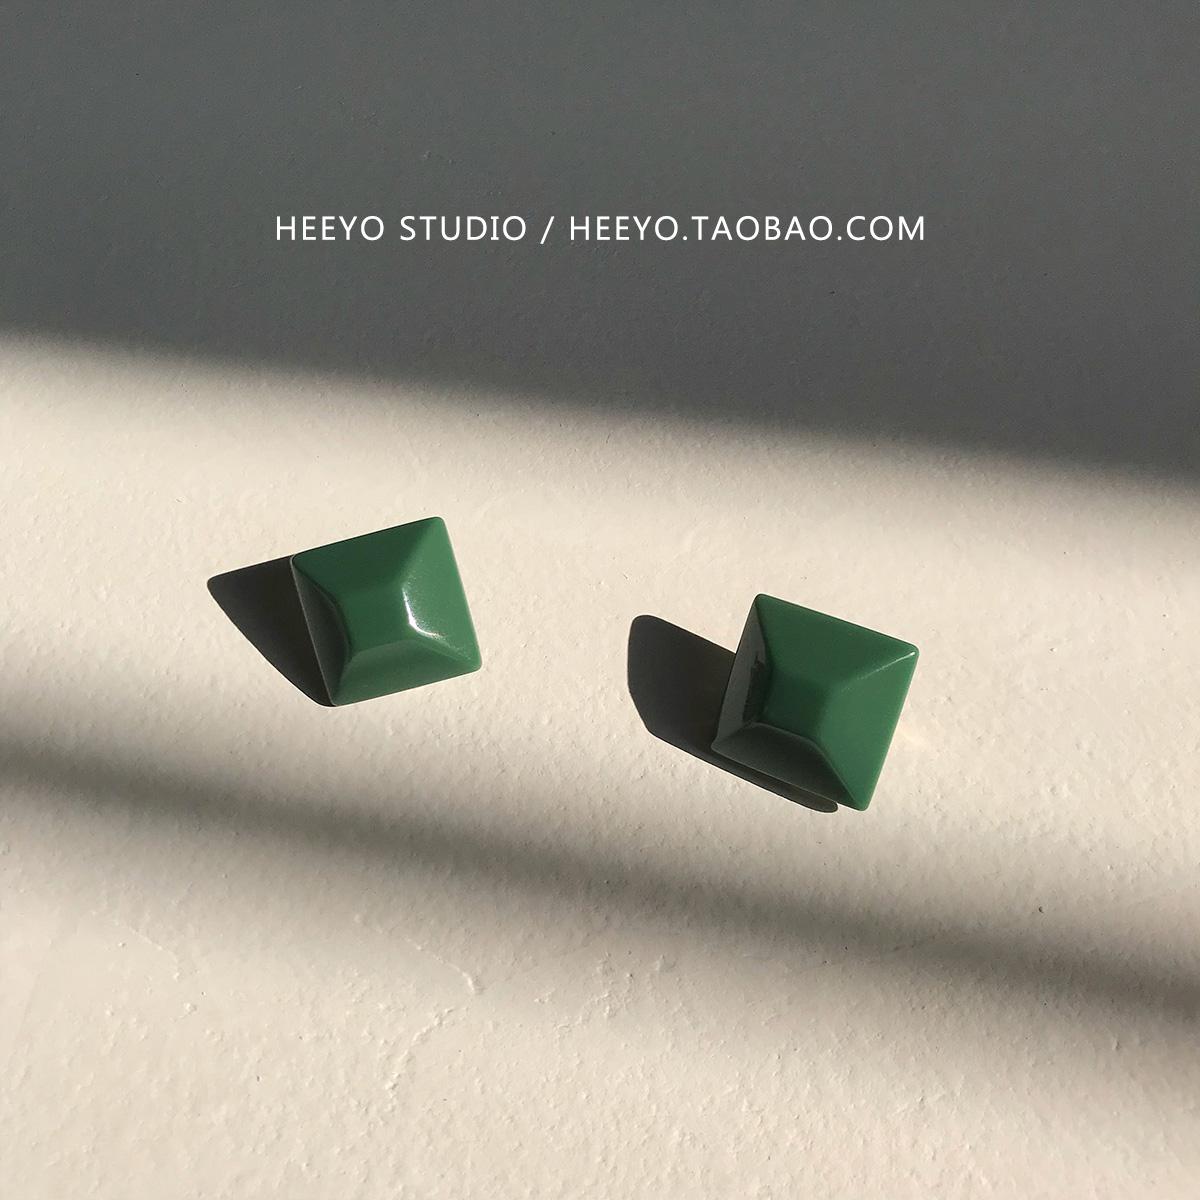 Heeyo 墨绿色切面方形油画复古纯银耳钉港风简约气质耳环耳夹女